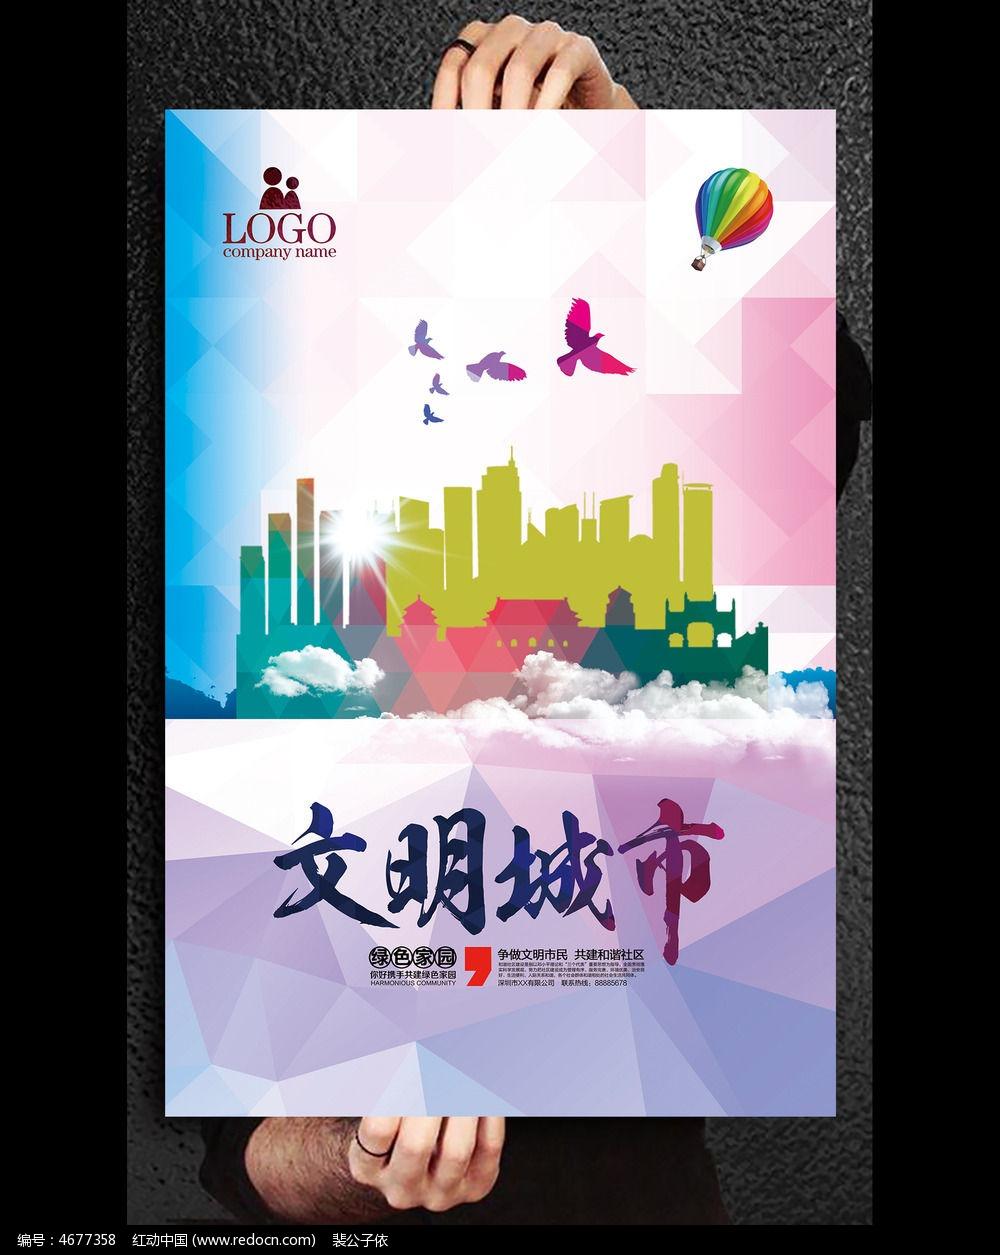 和谐中国 和谐生活 和谐农村  构建和谐社区  公益广告  创建文明城市图片